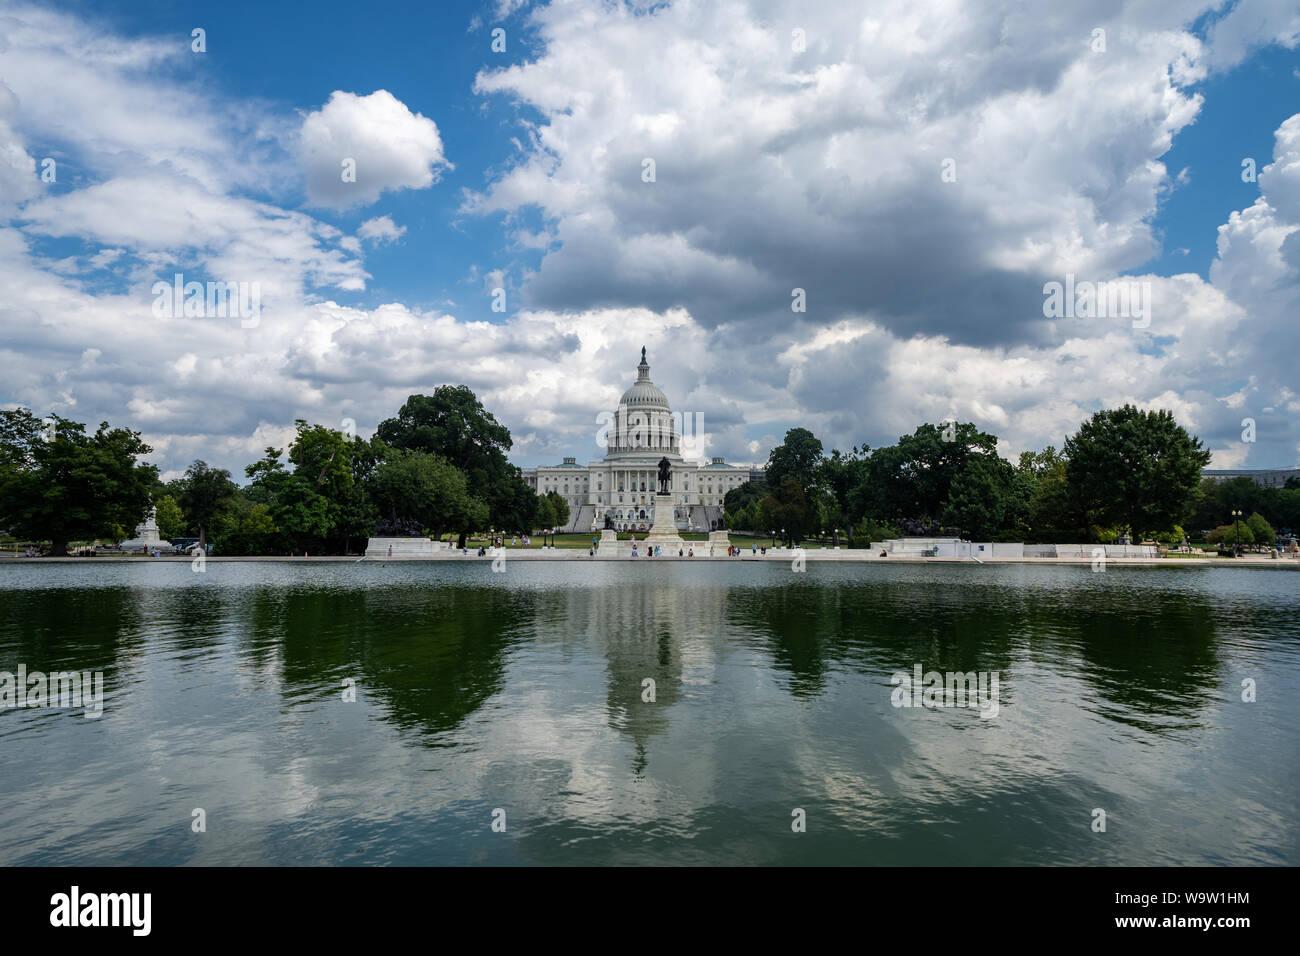 Amplio ángulo de visión del Capitolio de los Estados Unidos en Washington DC en un nublado día de verano, en la piscina reflectante Foto de stock